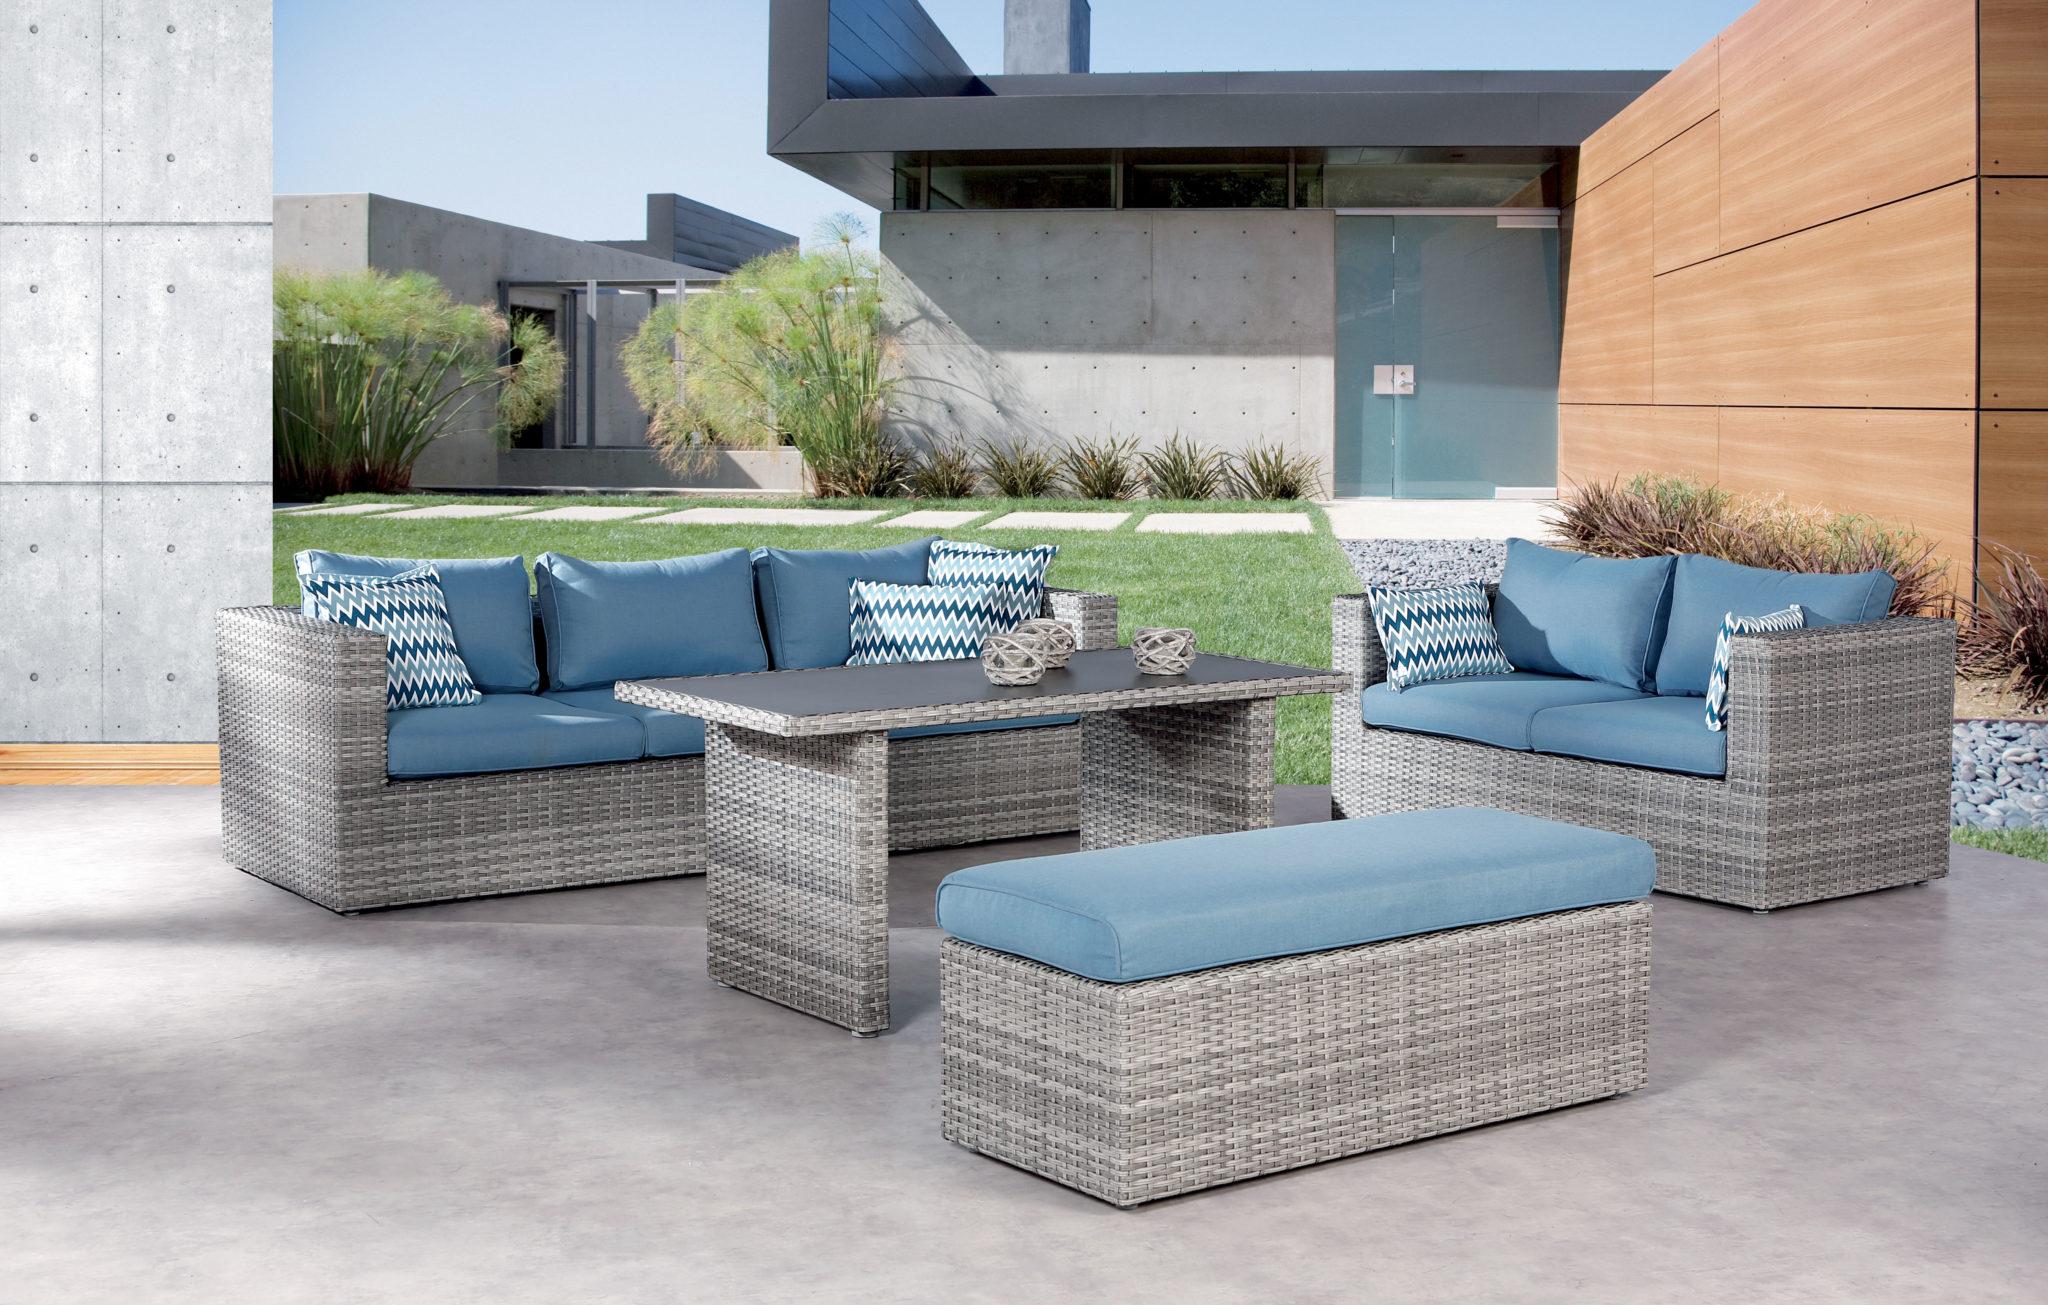 curacao dining lounge kf m bel. Black Bedroom Furniture Sets. Home Design Ideas